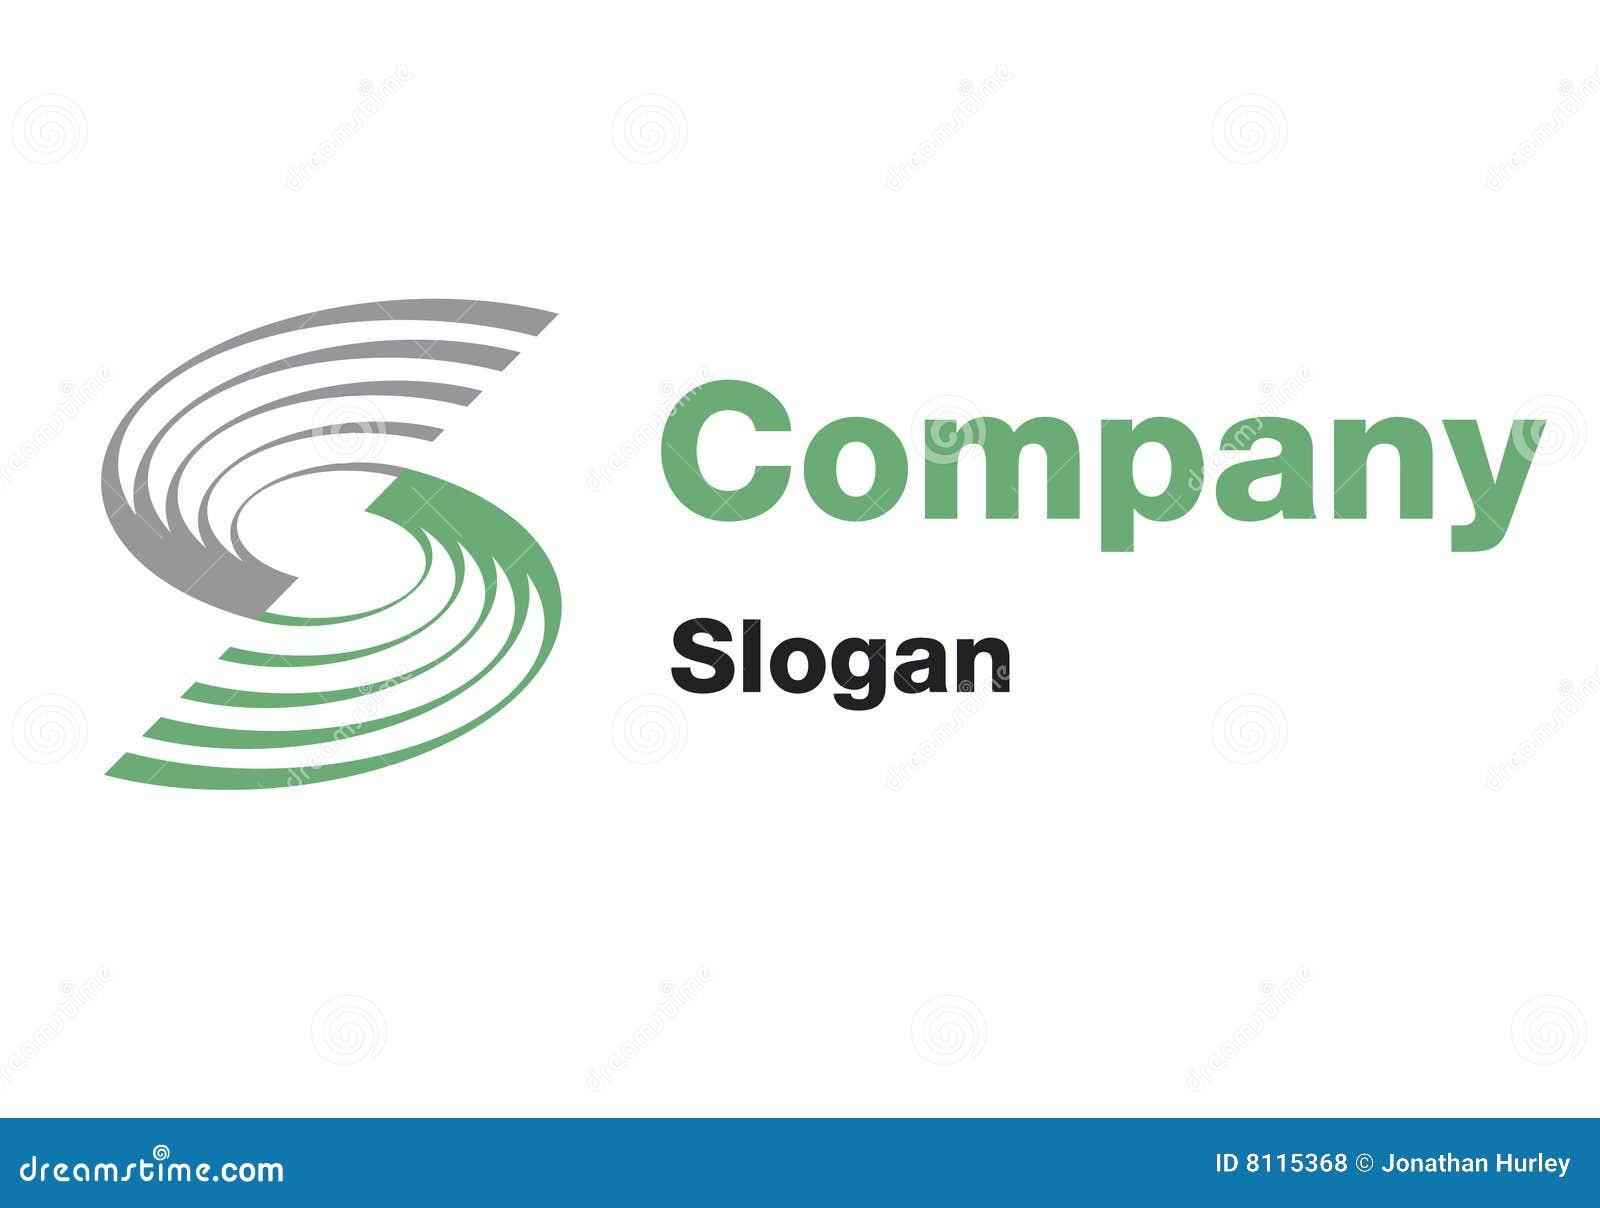 S-Company logo